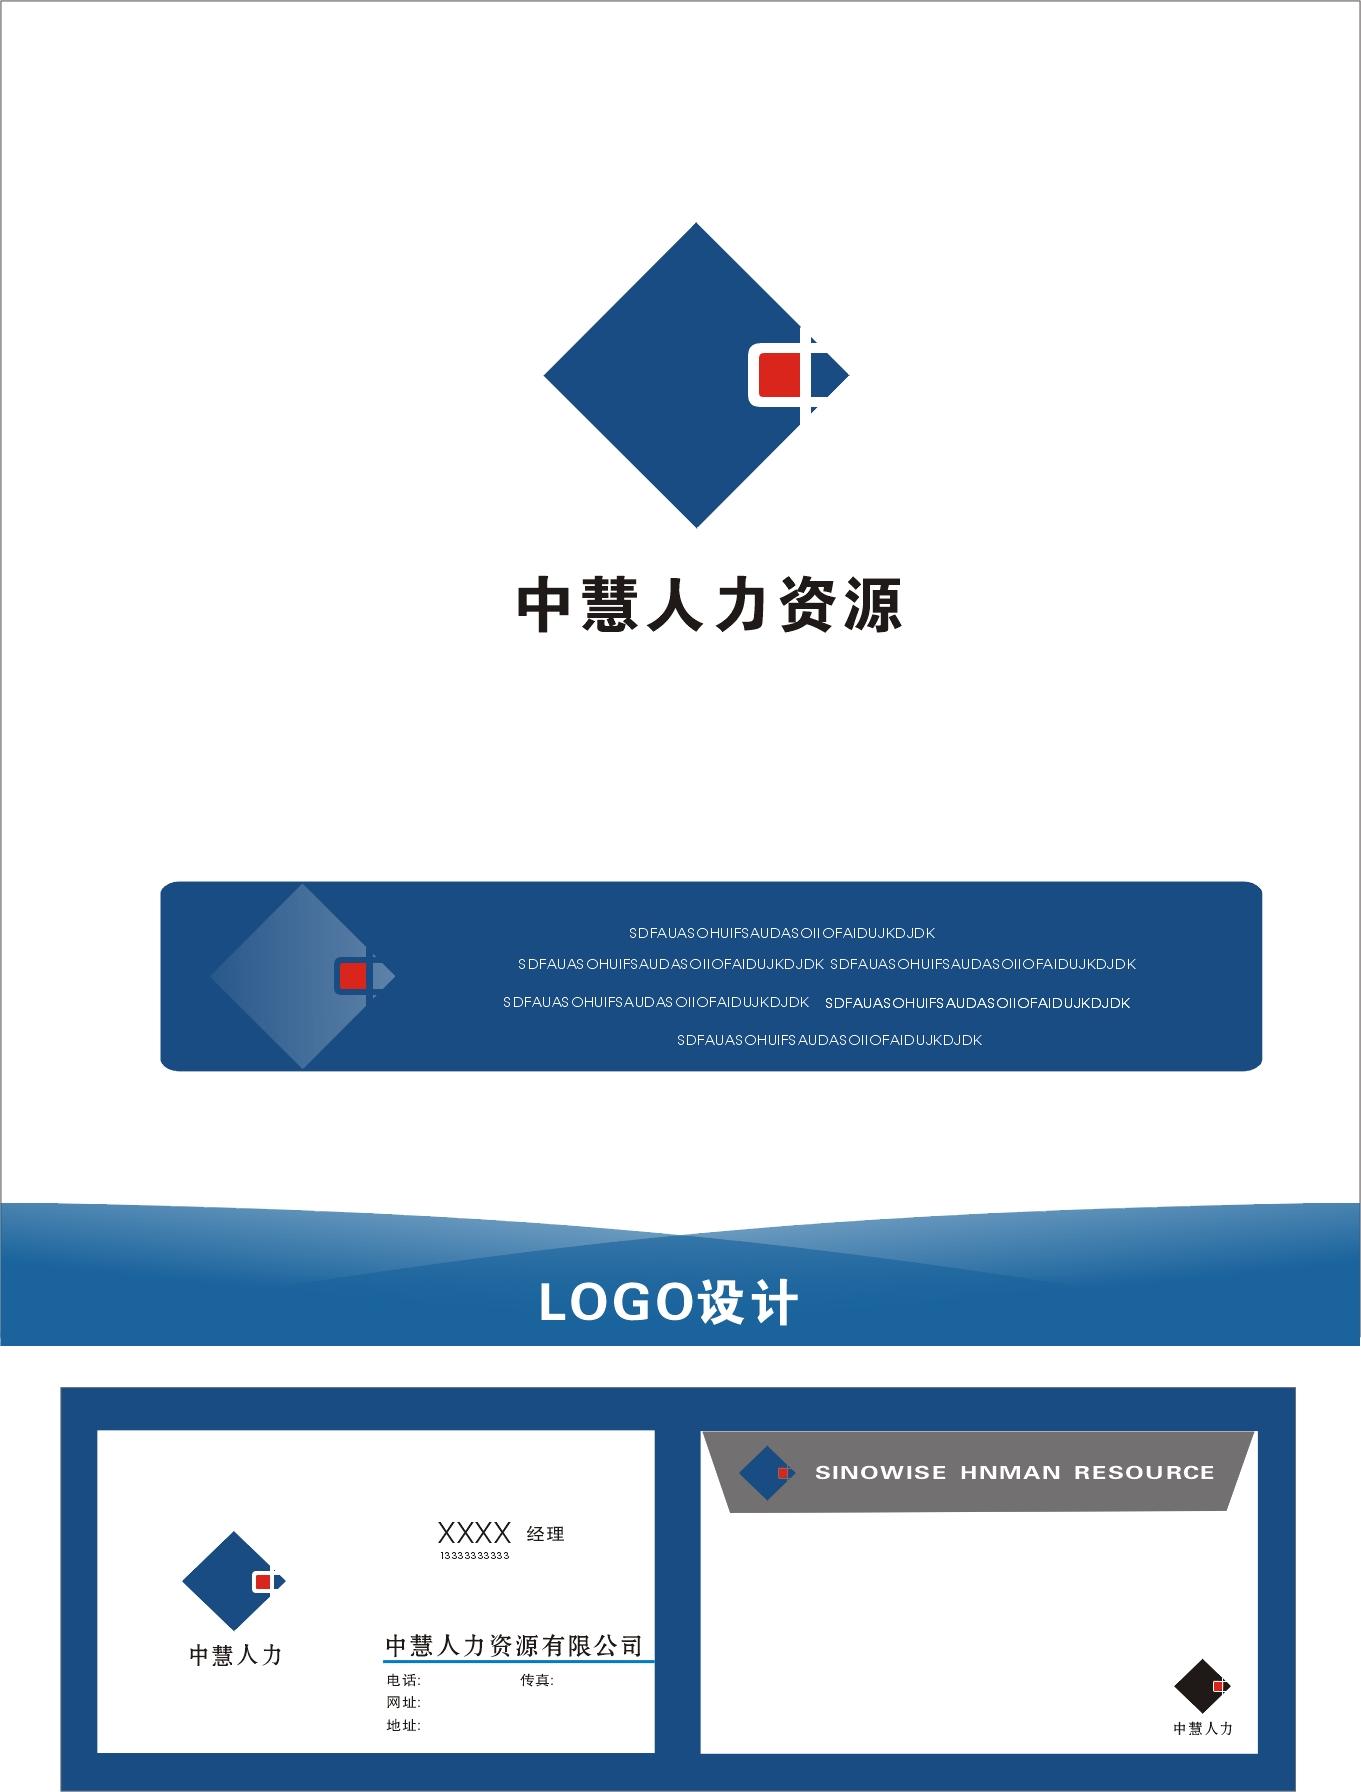 人力资源公司logo名片信封设计/大精简_2515996_k68威客网